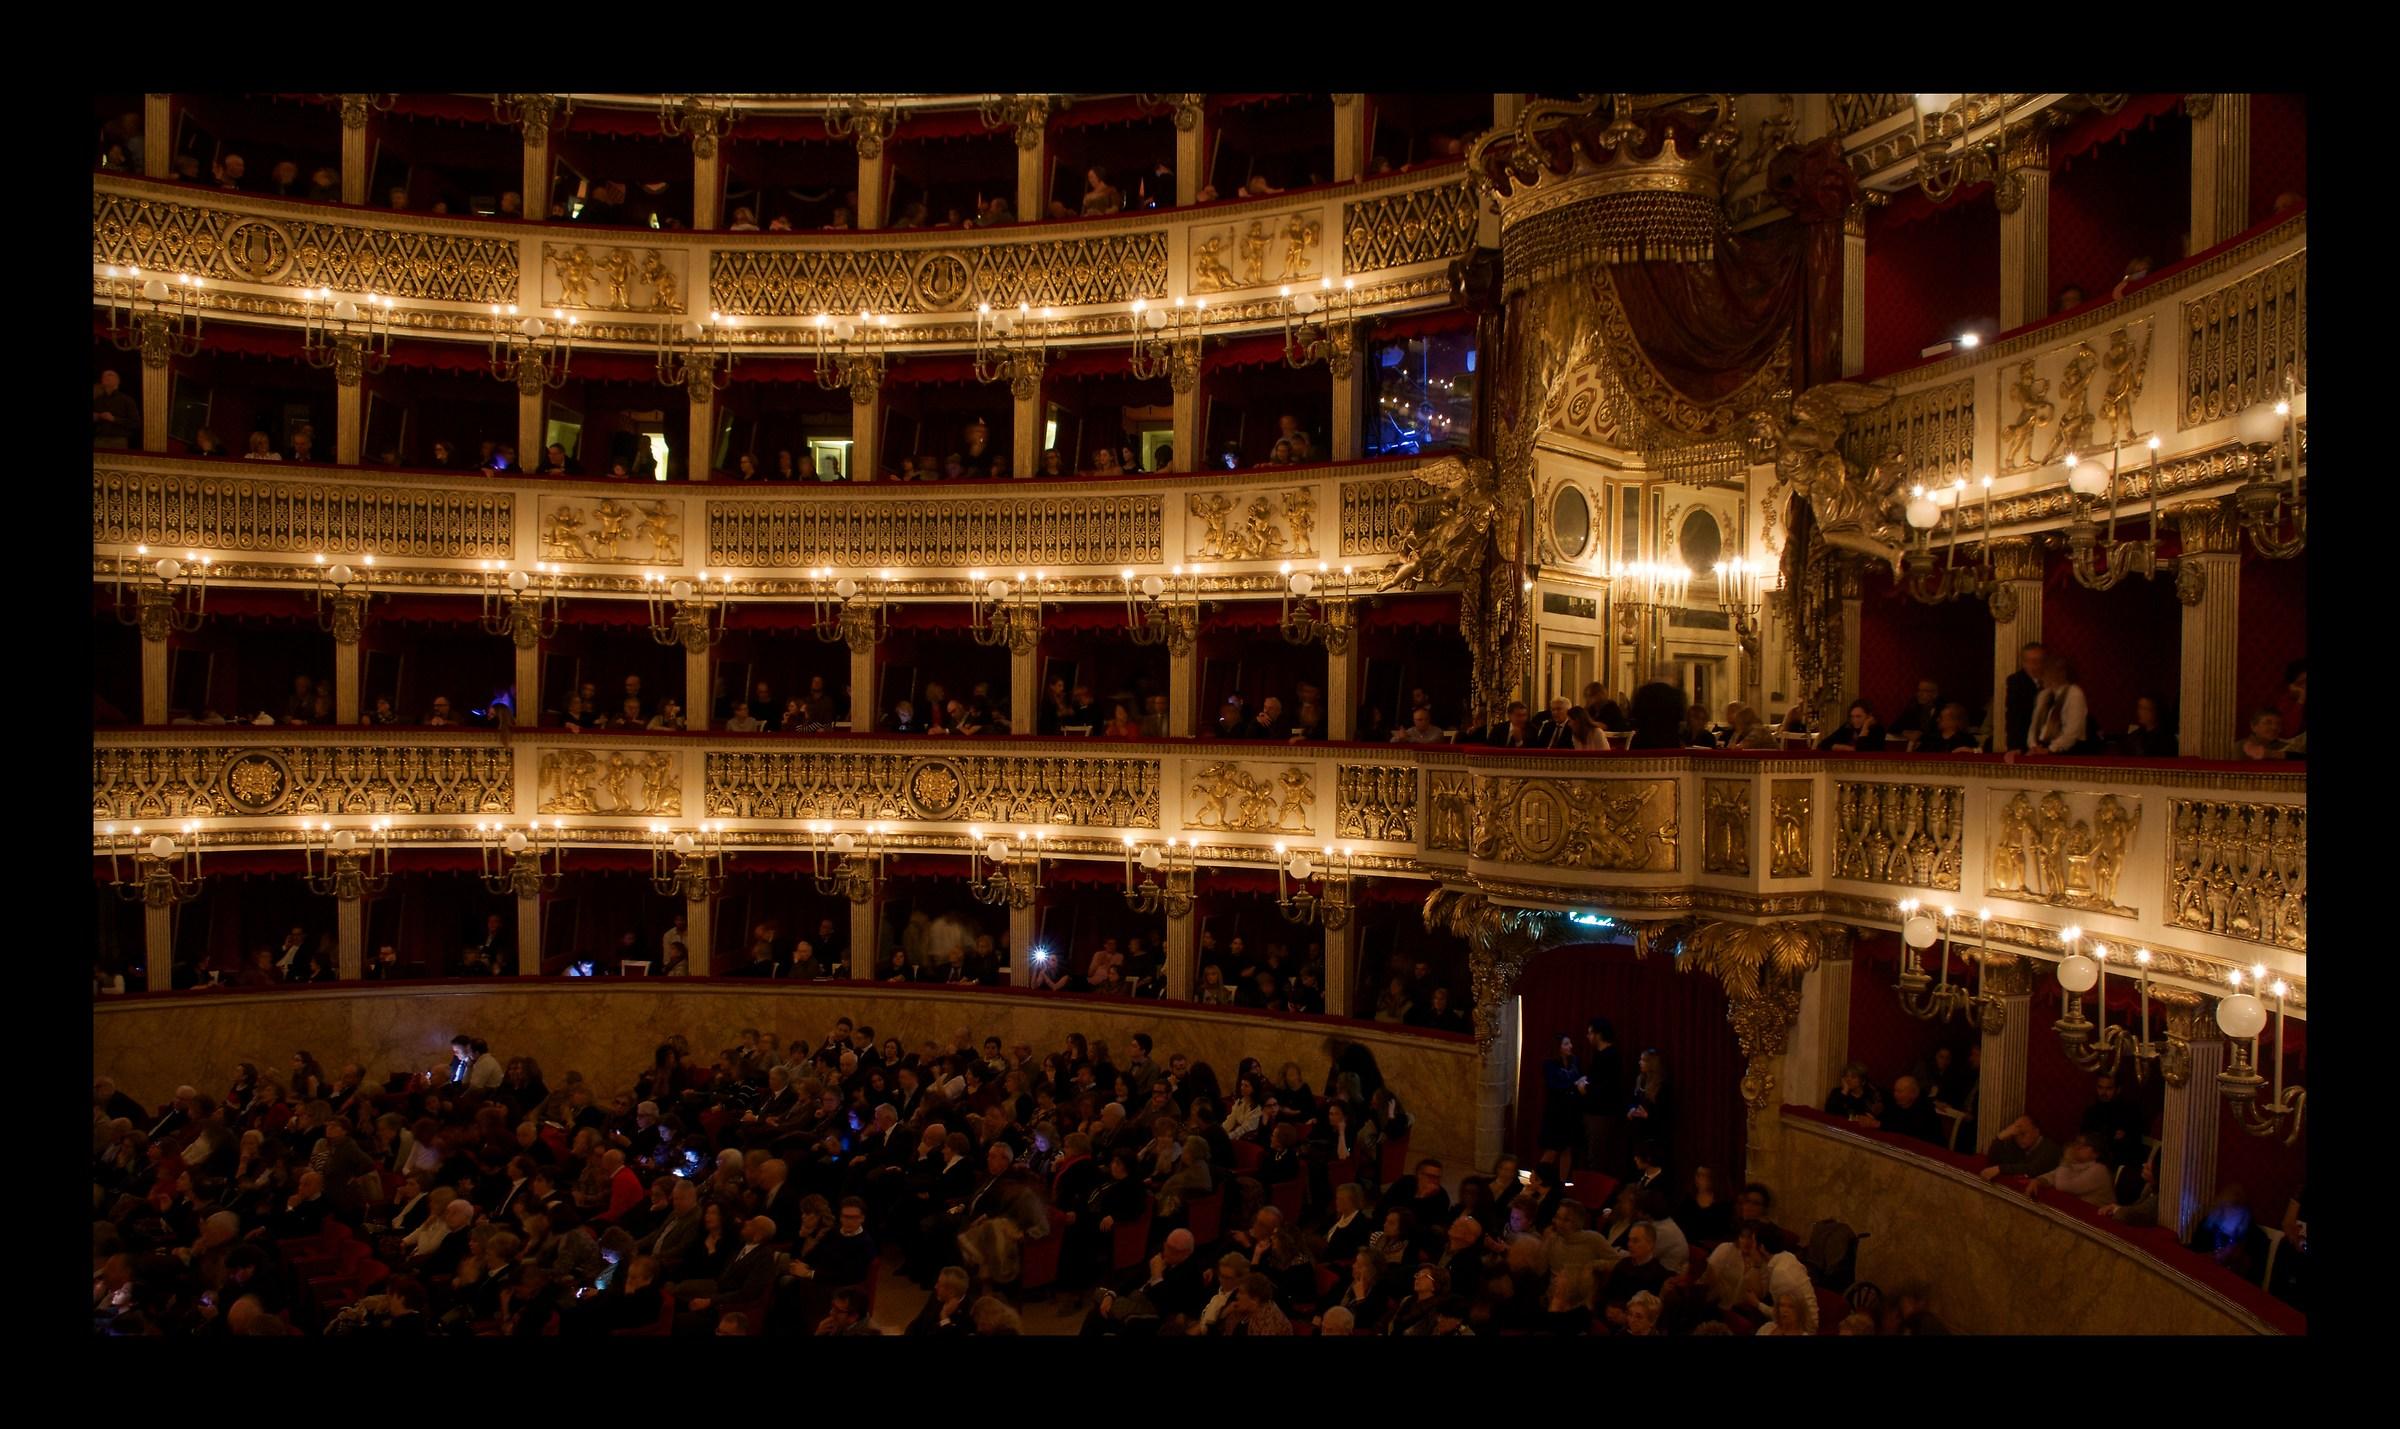 San Carlo Theater...